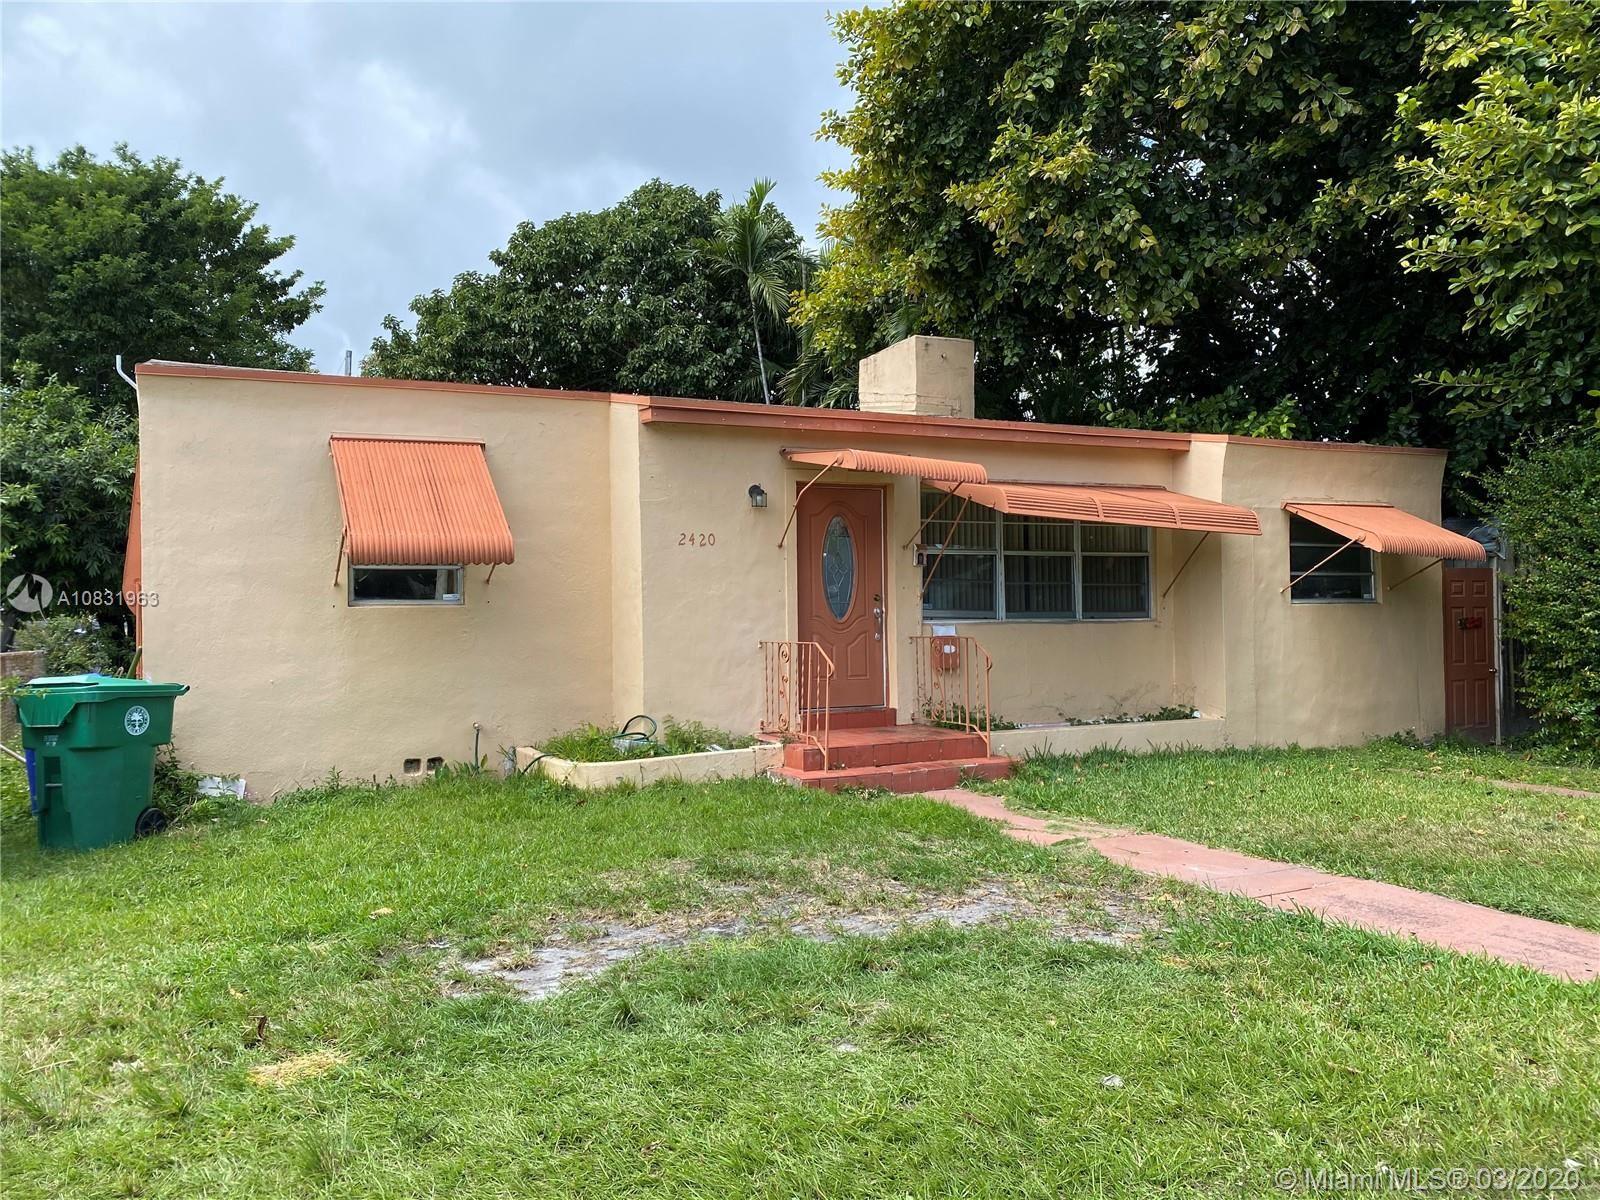 2420 sw SW 22nd Ave, Miami, FL 33145 - #: A10831963